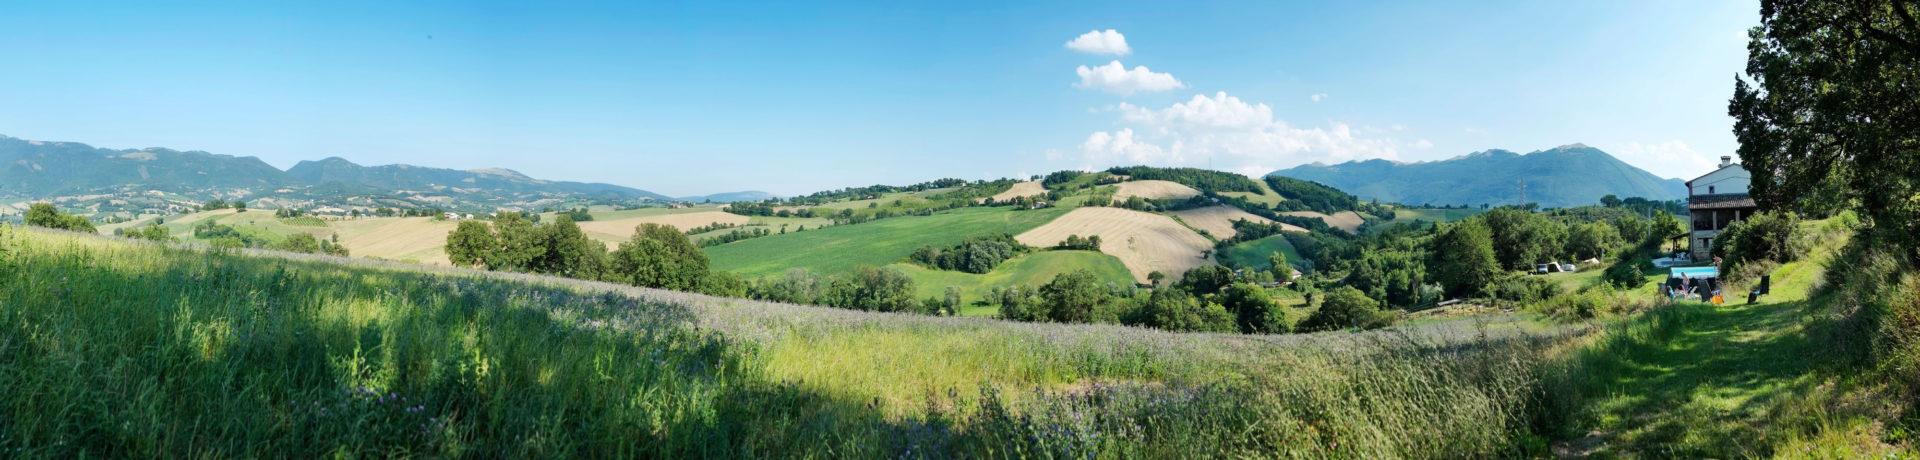 Faranghe! Camping & countryhouse is een charme camping panoramisch gelegen op de grens van Umbria en Le Marche in het groene hart van Italië.